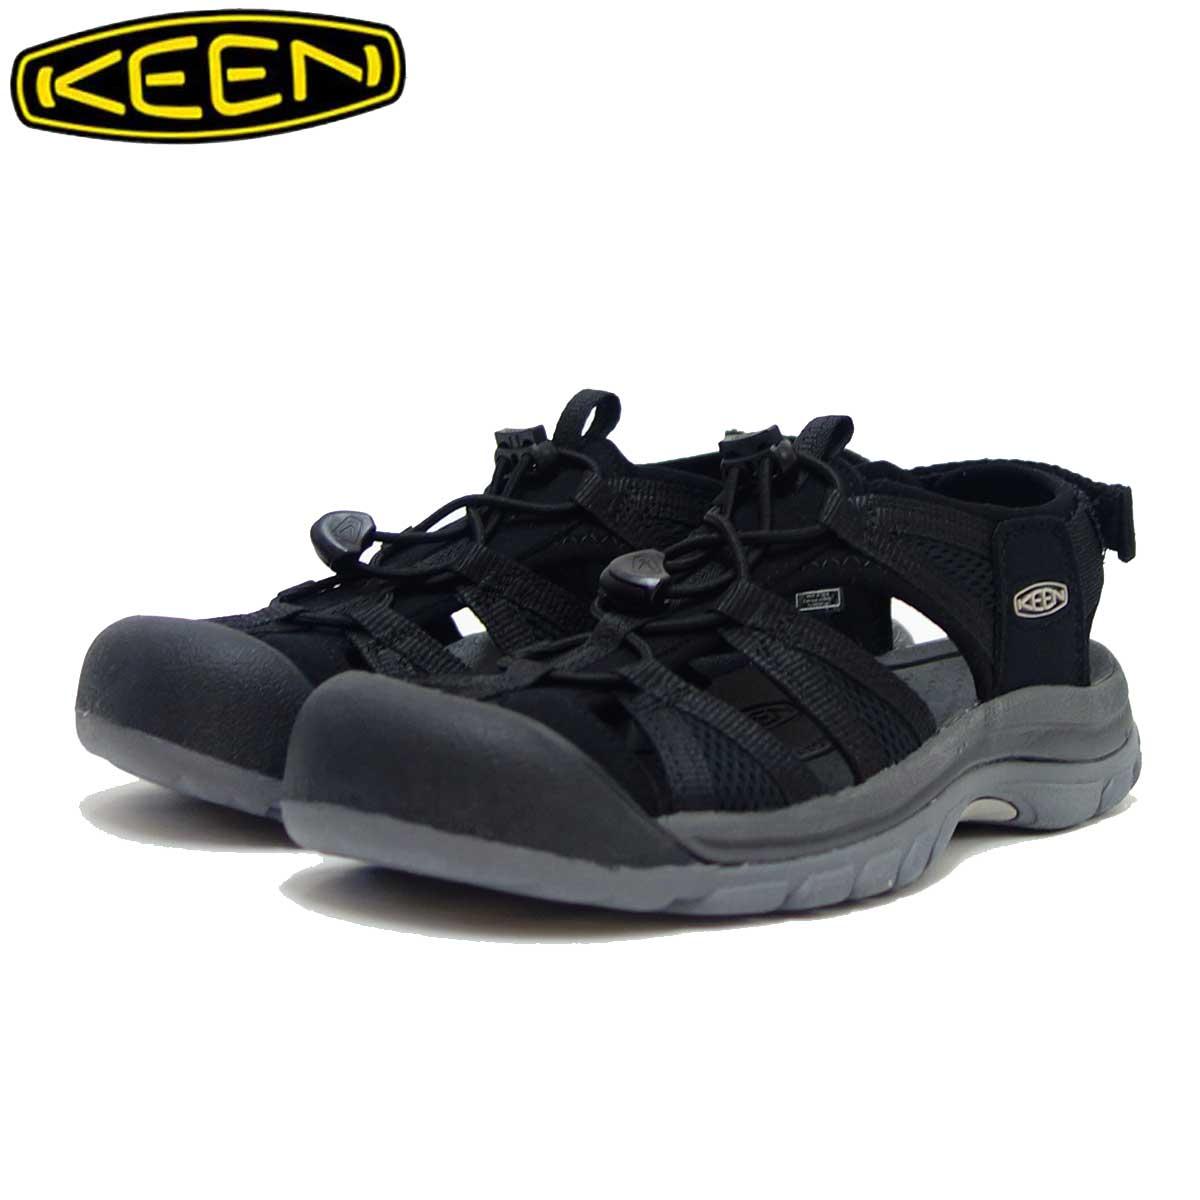 KEEN キーン VENICE 2 H2 ベニス ツー エイチ ツー 1018846(レディース)カラー :Black / Steel Grey 「靴」